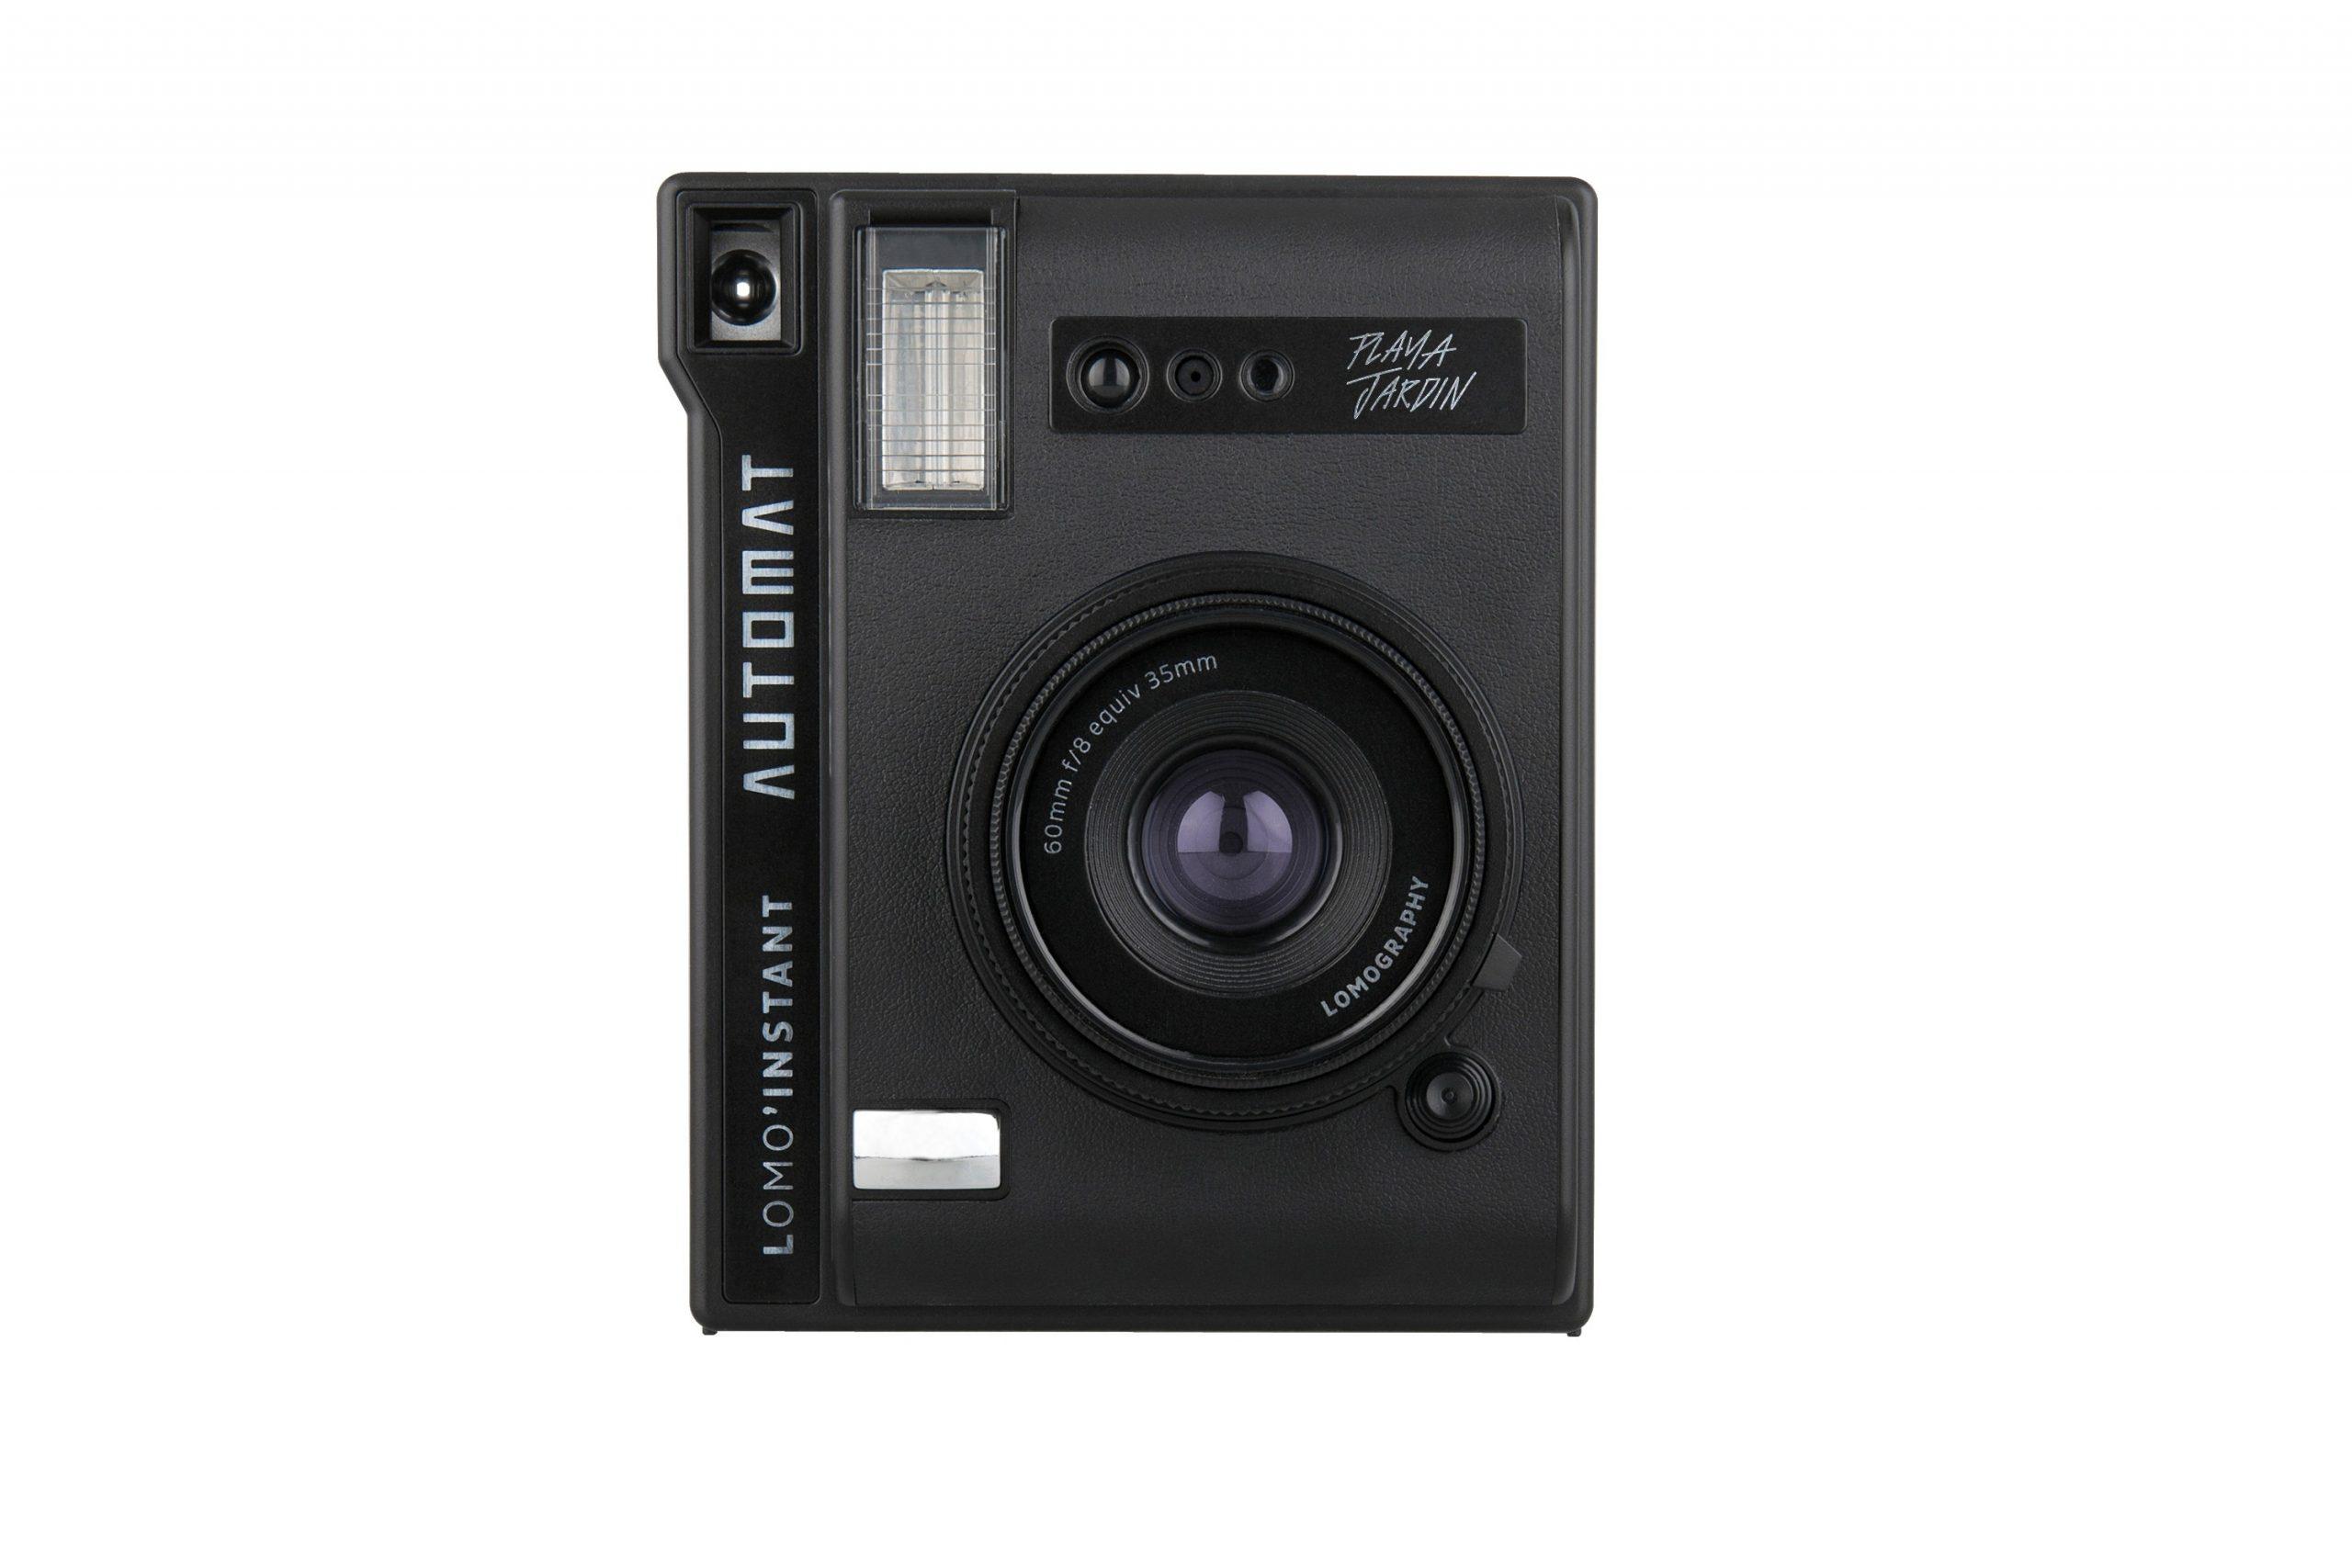 Lomo'instant Automat Camera (Playa Jardín Edition ... pour Lit De Jardin Double